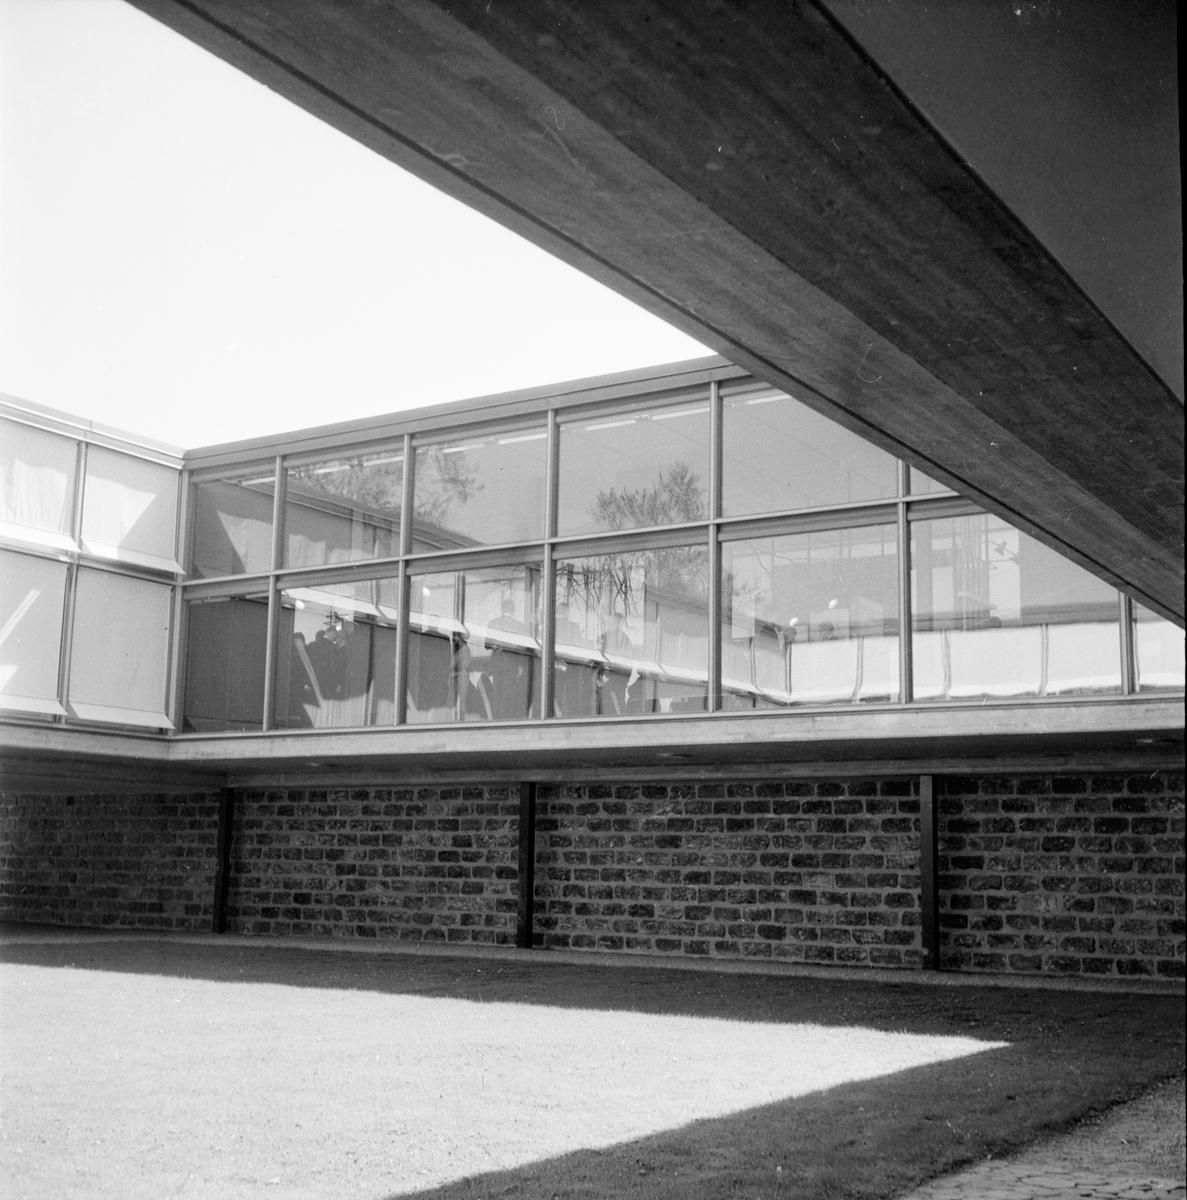 Silvanum invigning 1 juni 1961